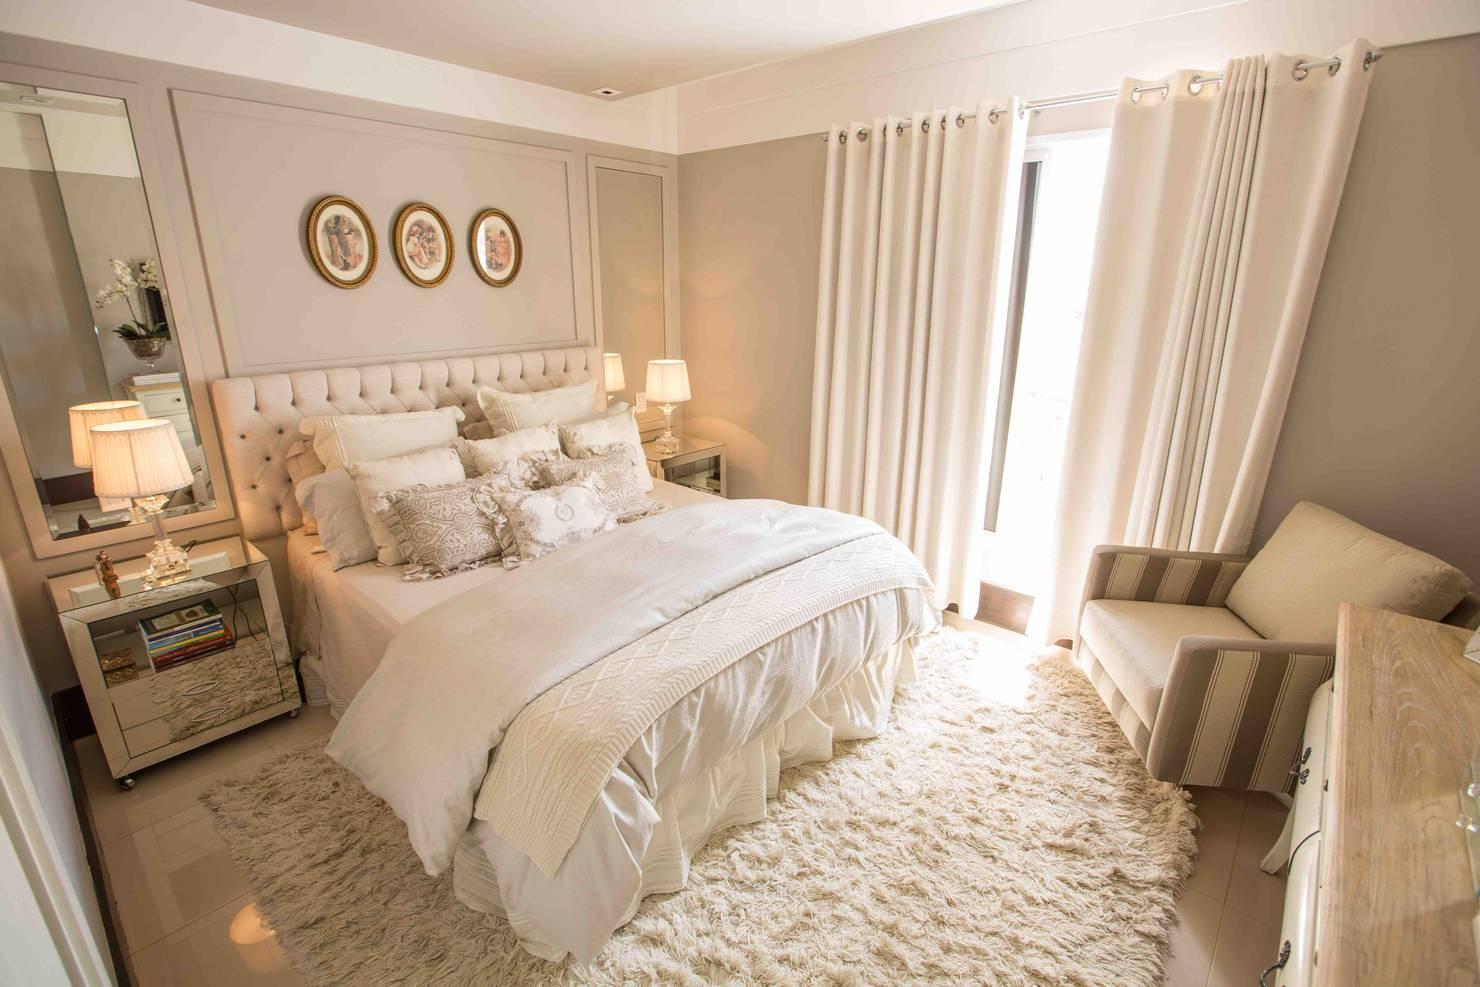 Schlafzimmer einrichten: Diese 9 Fehler solltet ihr vermeiden